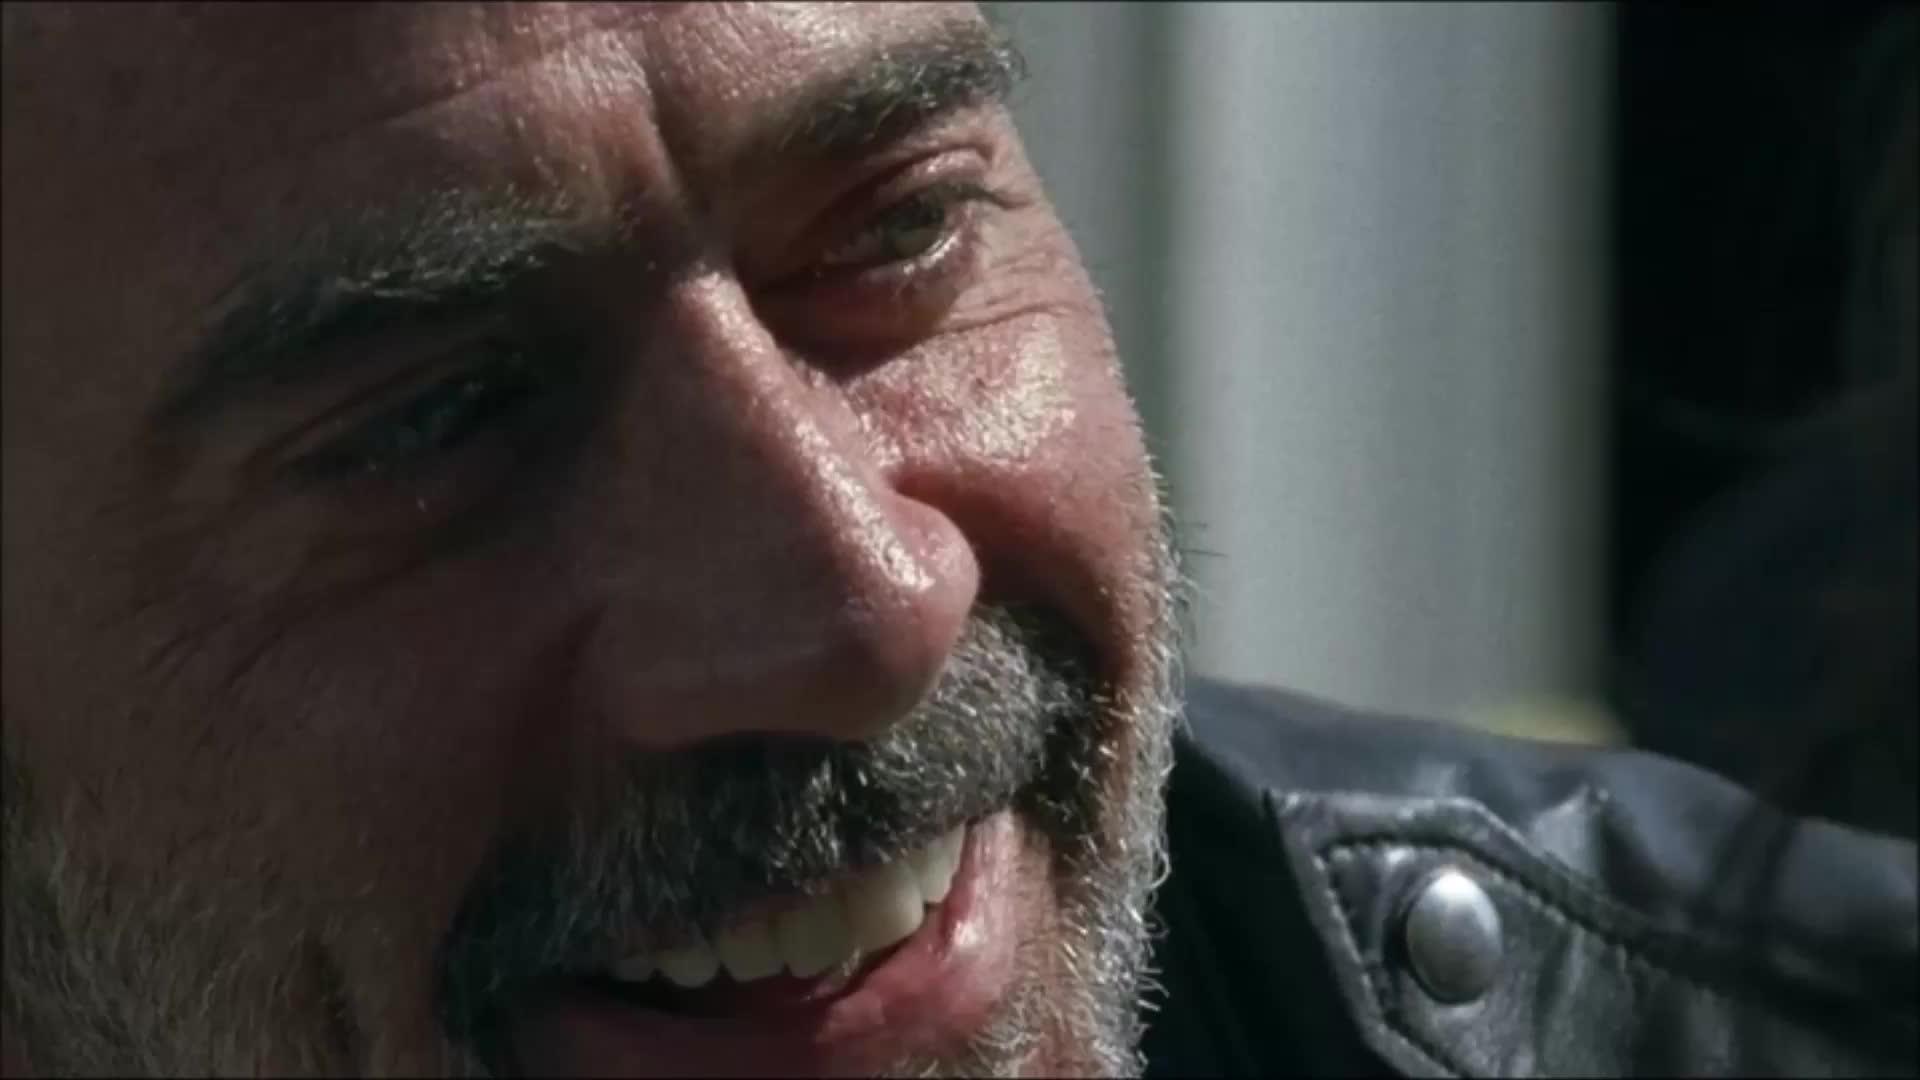 thewalkingdeadseason7ep3, twd, twds7ep3, wow, The Walking Dead season 7 ep3 GIFs